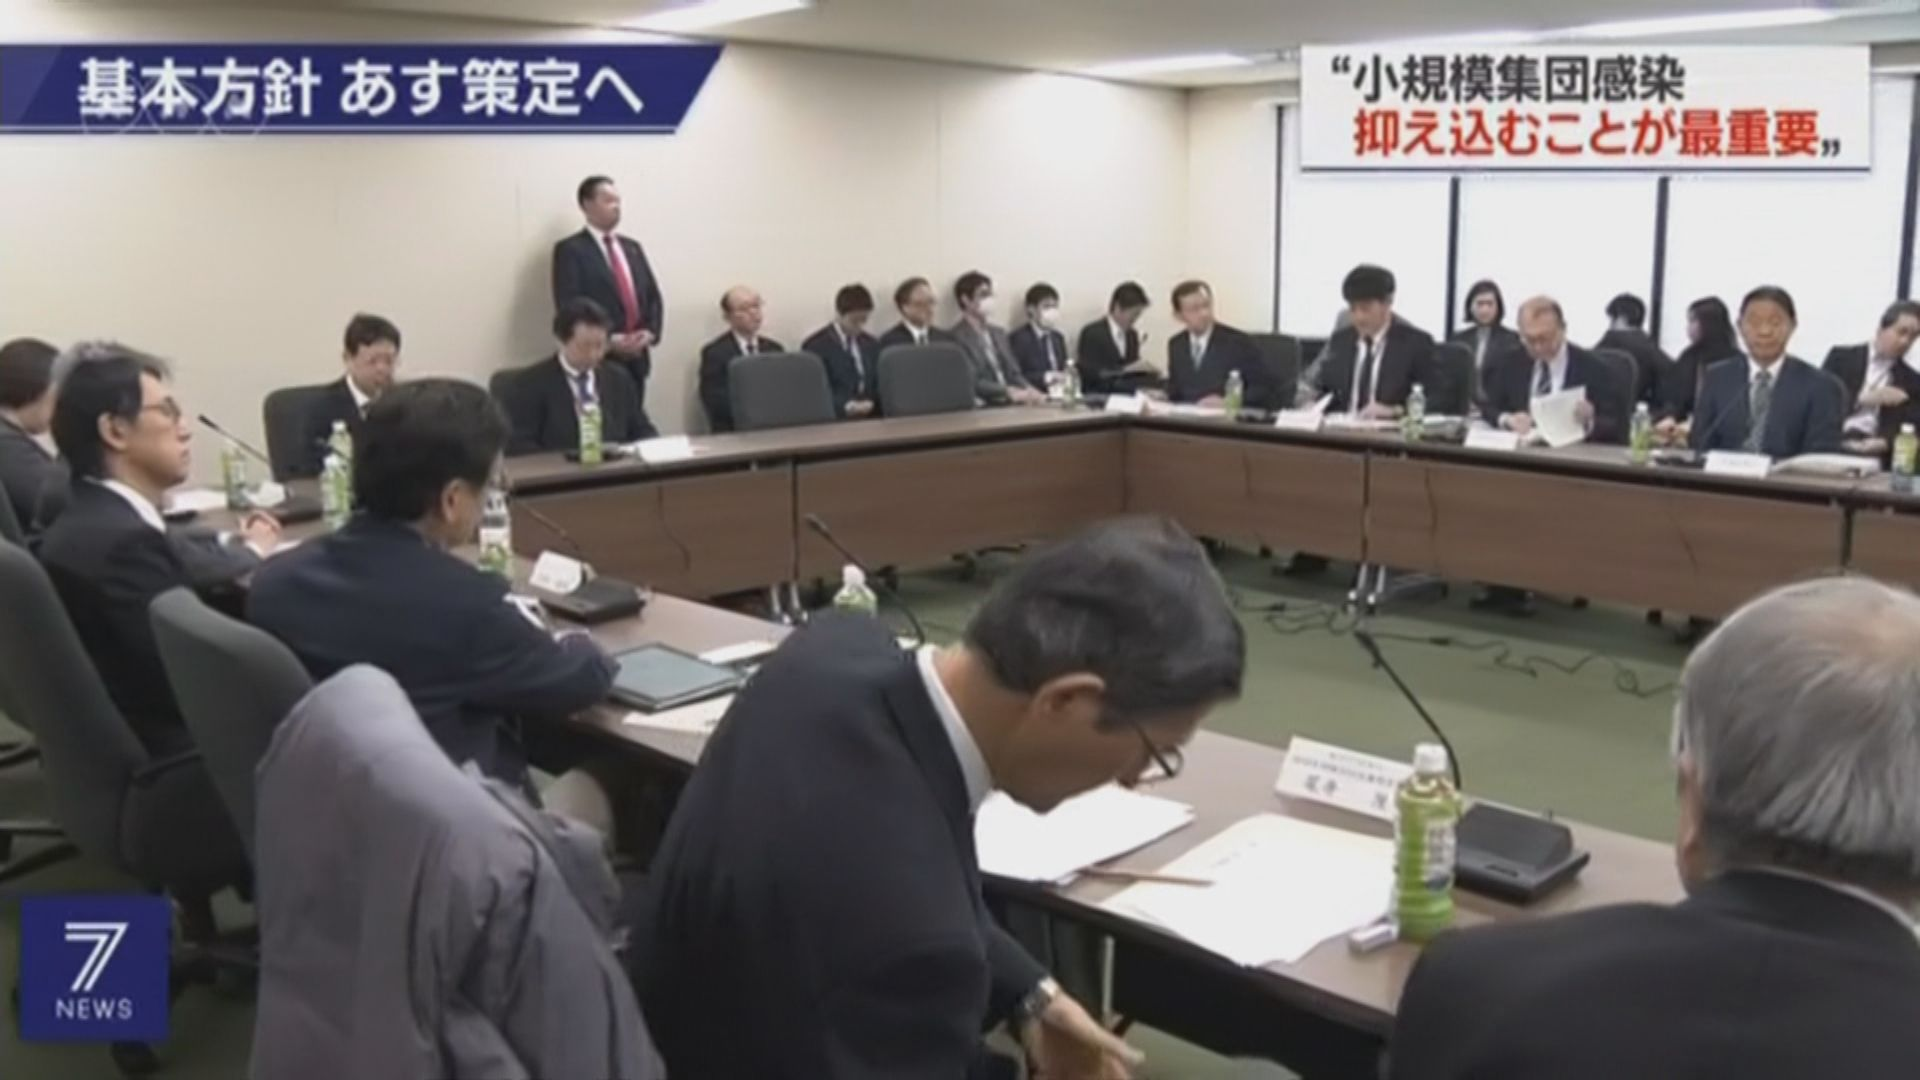 日本政府研究在部分地區開放普通醫療機構接收患者